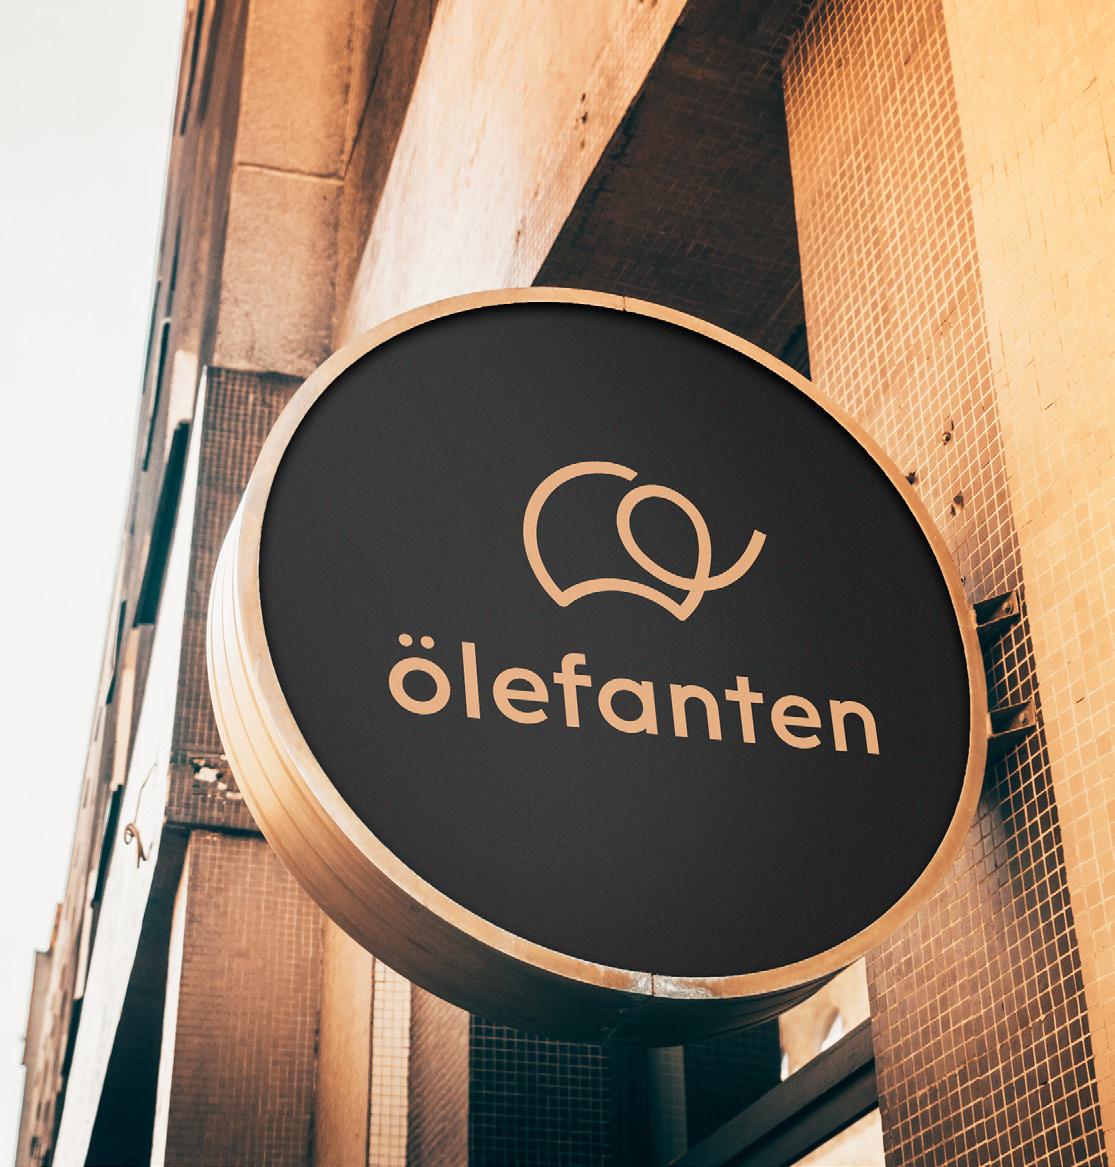 Pictoo-Oelefanten-rebranding-redesign-branding-identyfikacja-wizualna-projektowanie-opakowan-etykiet-projekt-opakowania-studio-graficzne-lodz-warszawa